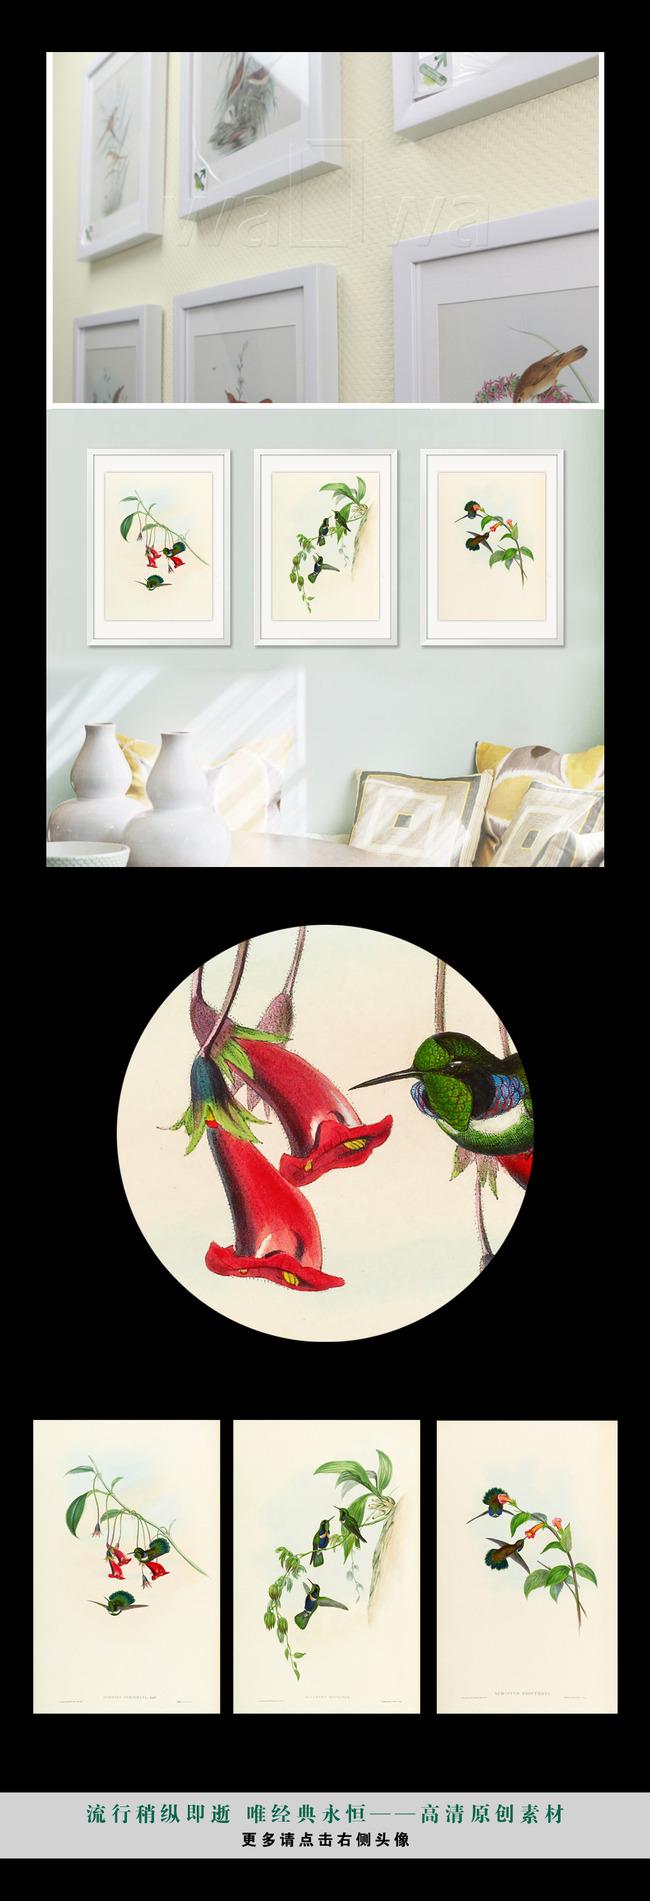 手绘简欧风格复古小清新植物花鸟装饰画